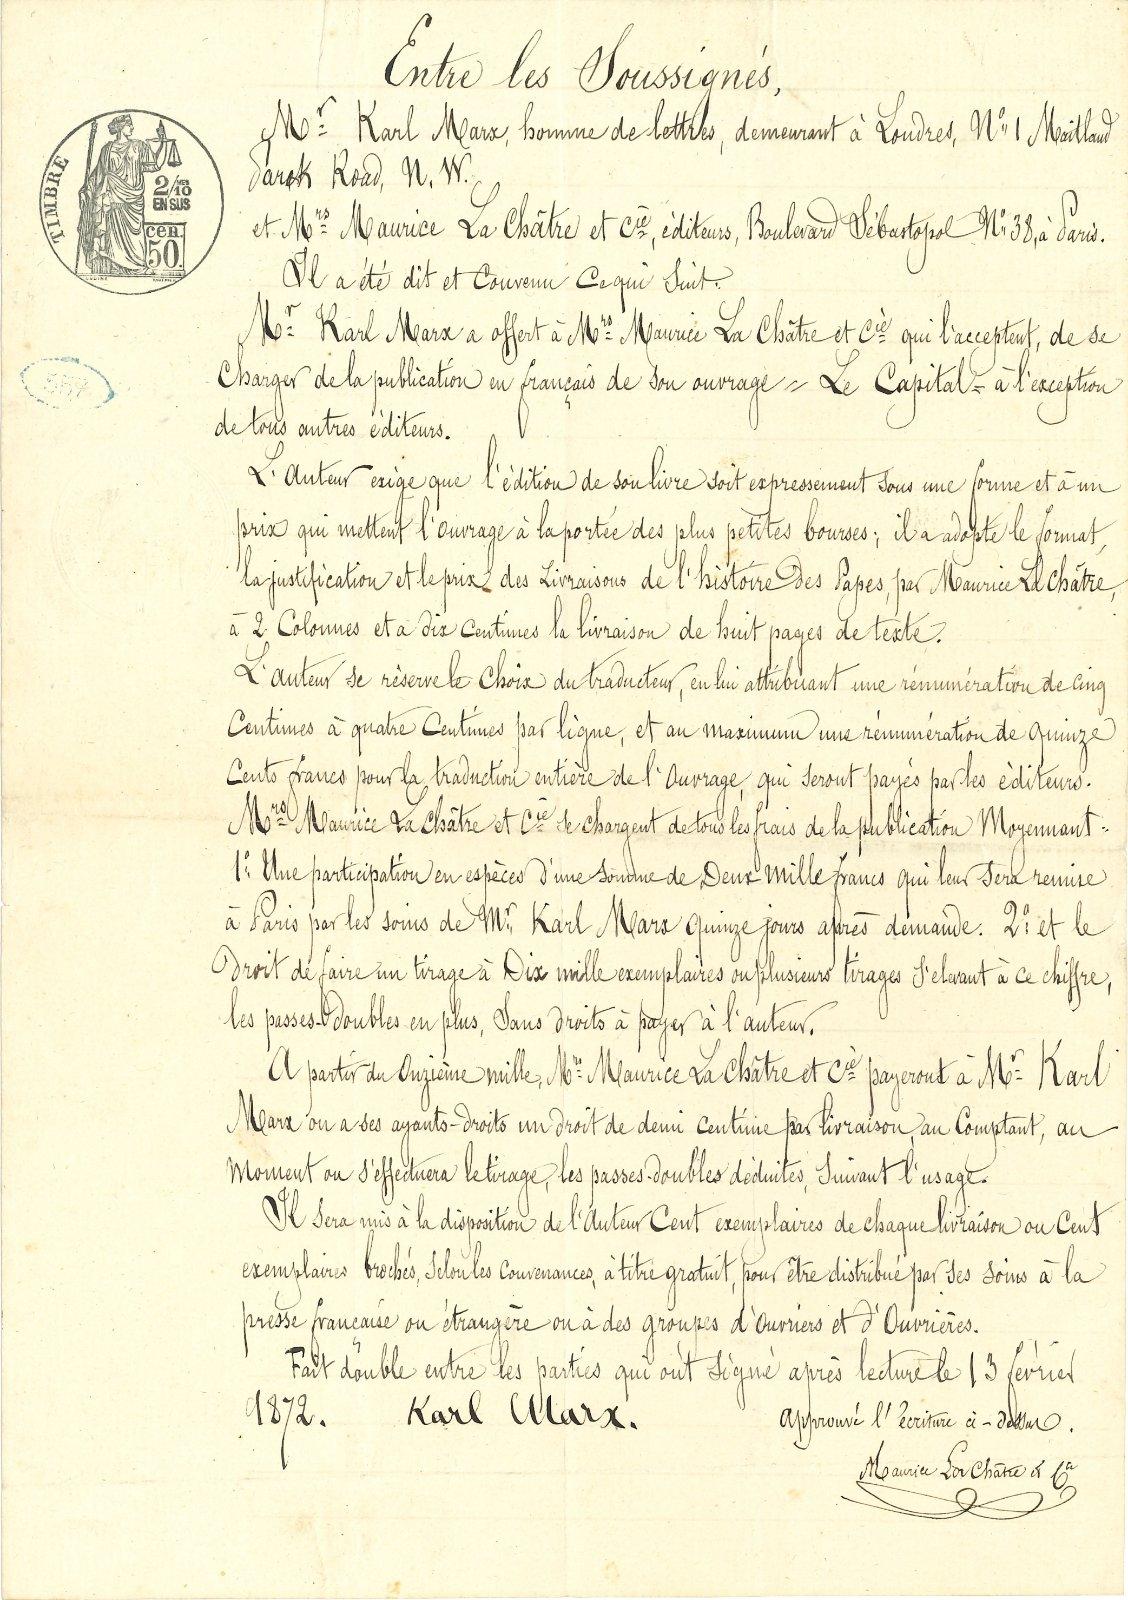 Contrat pour l'édition de la traduction française du Capital, signé par Karl Marx et Maurice Lachâtre. © Ader Nordmann